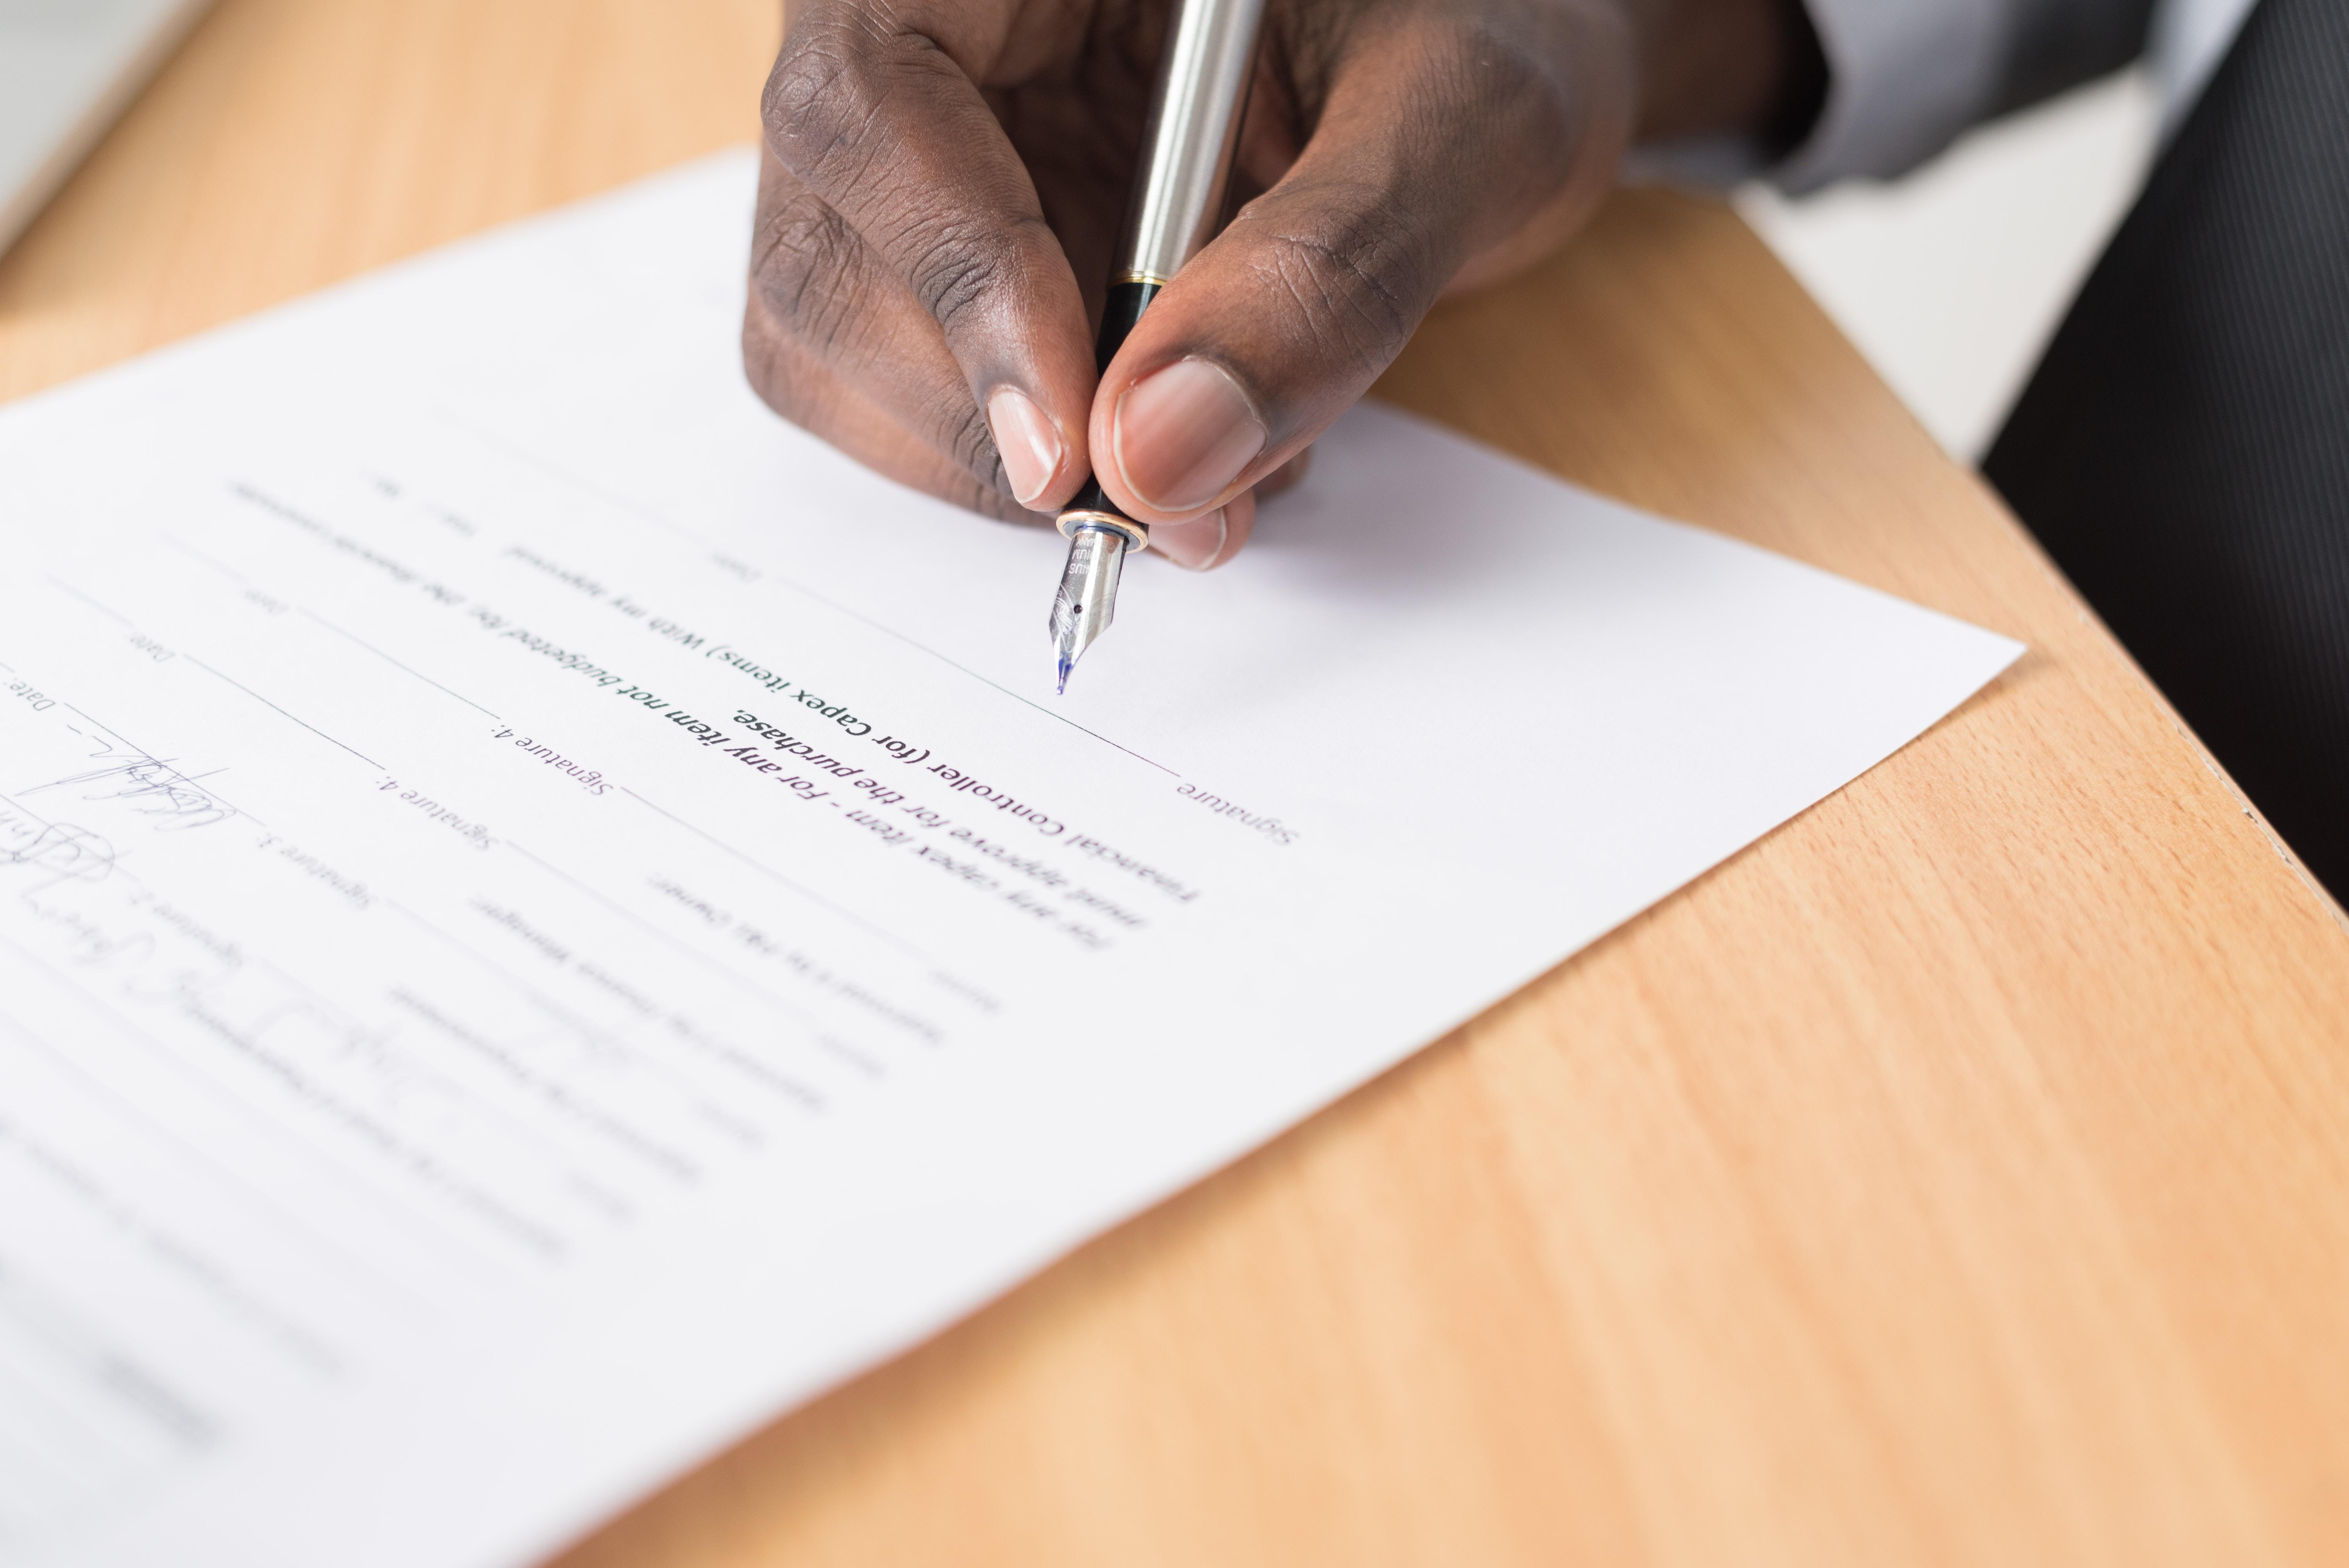 L'adéquation homme/poste : critère de l'obtention d'une autorisation de travail pour un étranger